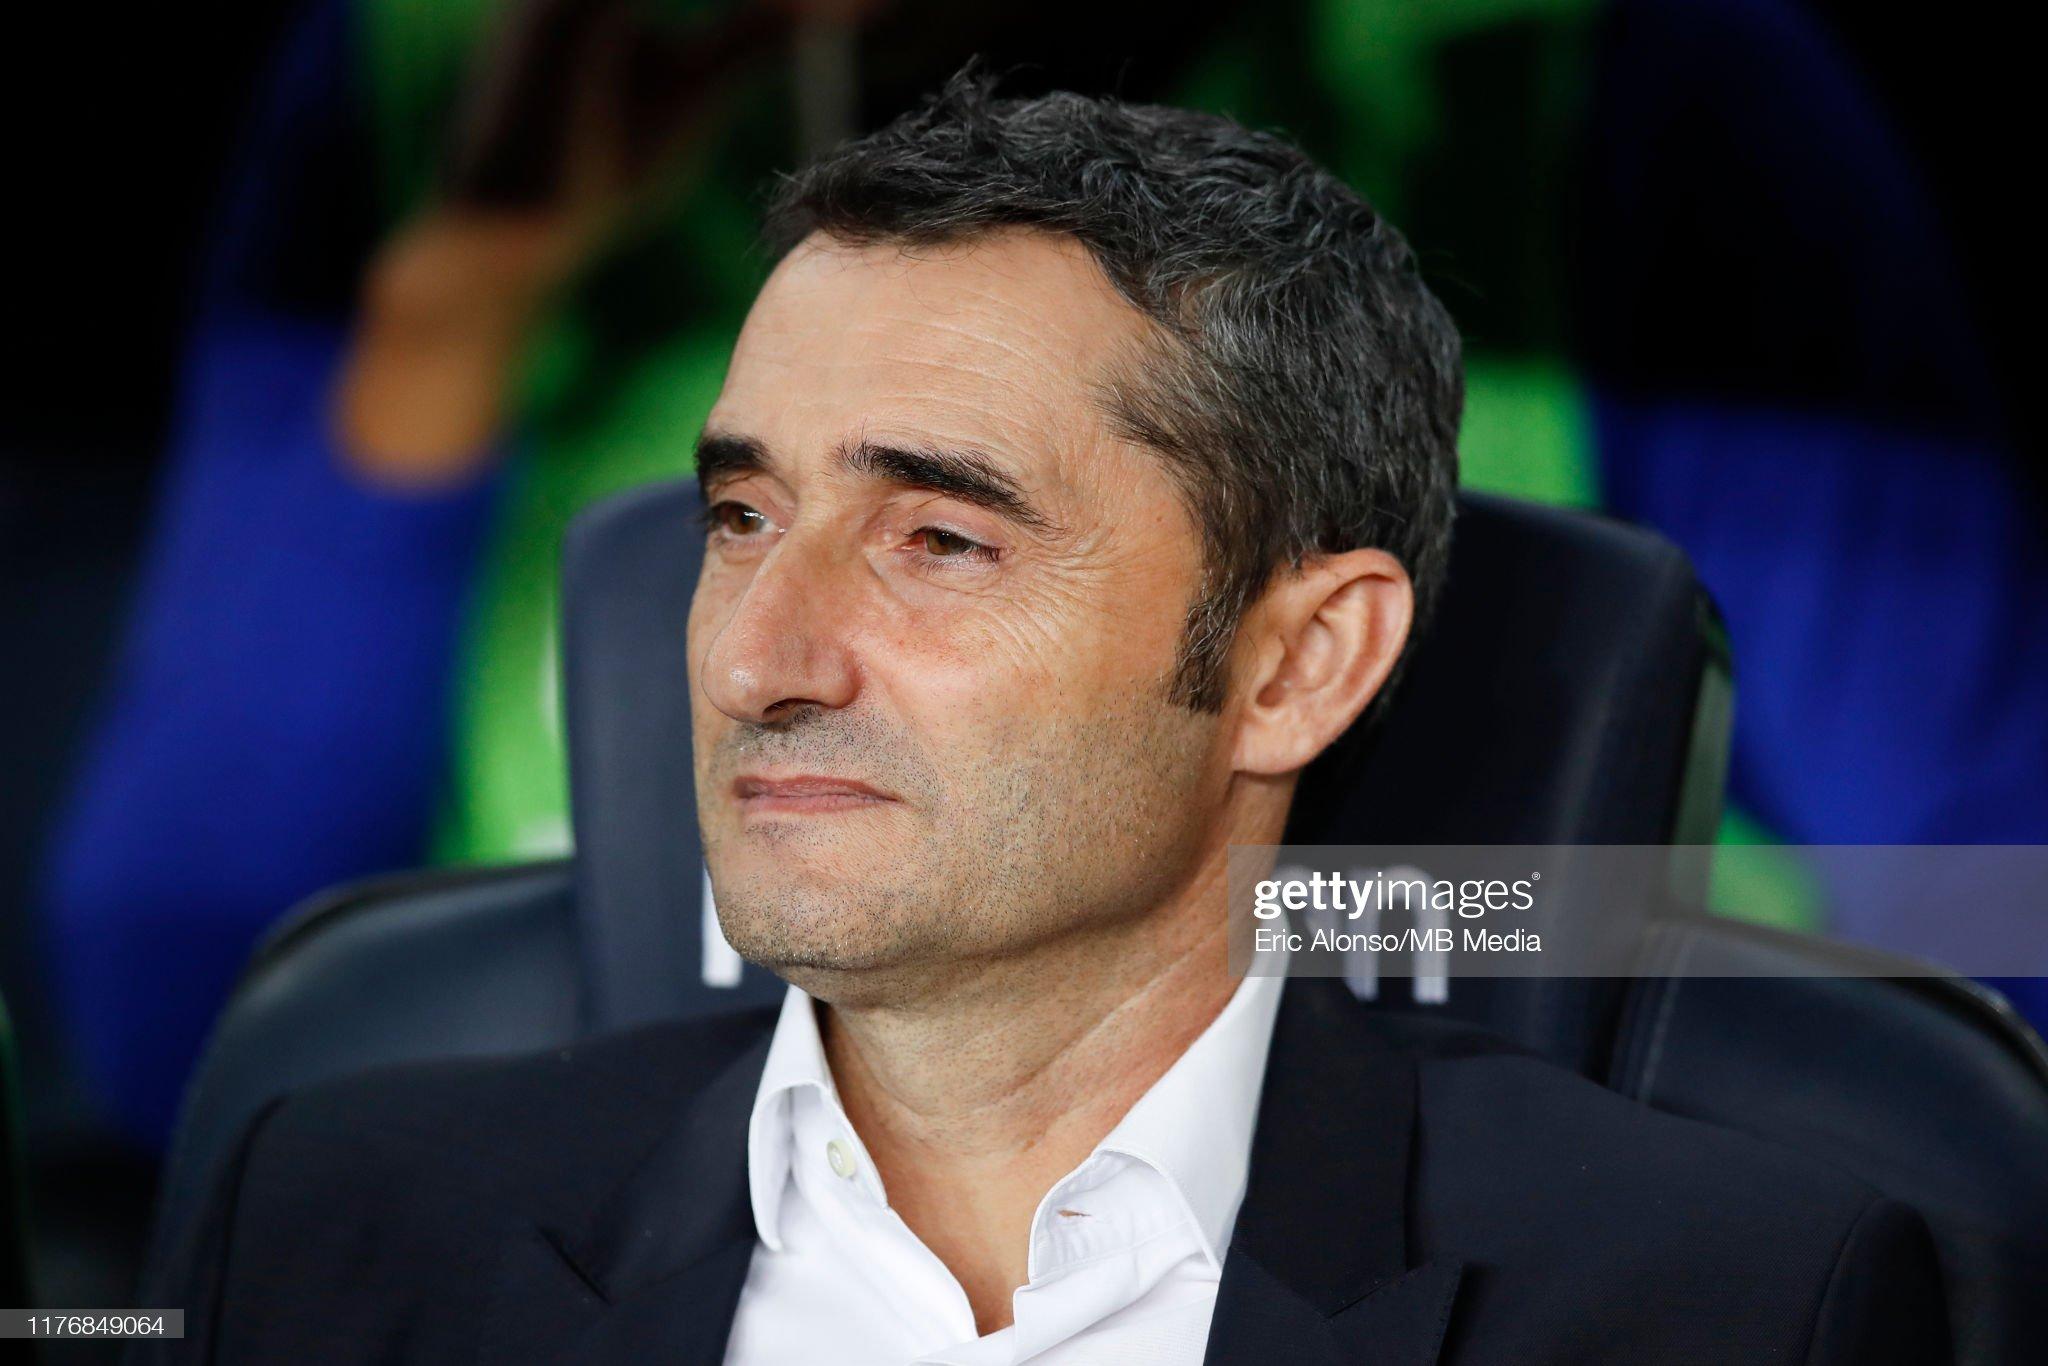 صور مباراة : برشلونة - فياريال 2-1 ( 24-09-2019 )  Ernesto-valverde-of-fc-barcelona-focused-in-the-match-during-the-liga-picture-id1176849064?s=2048x2048